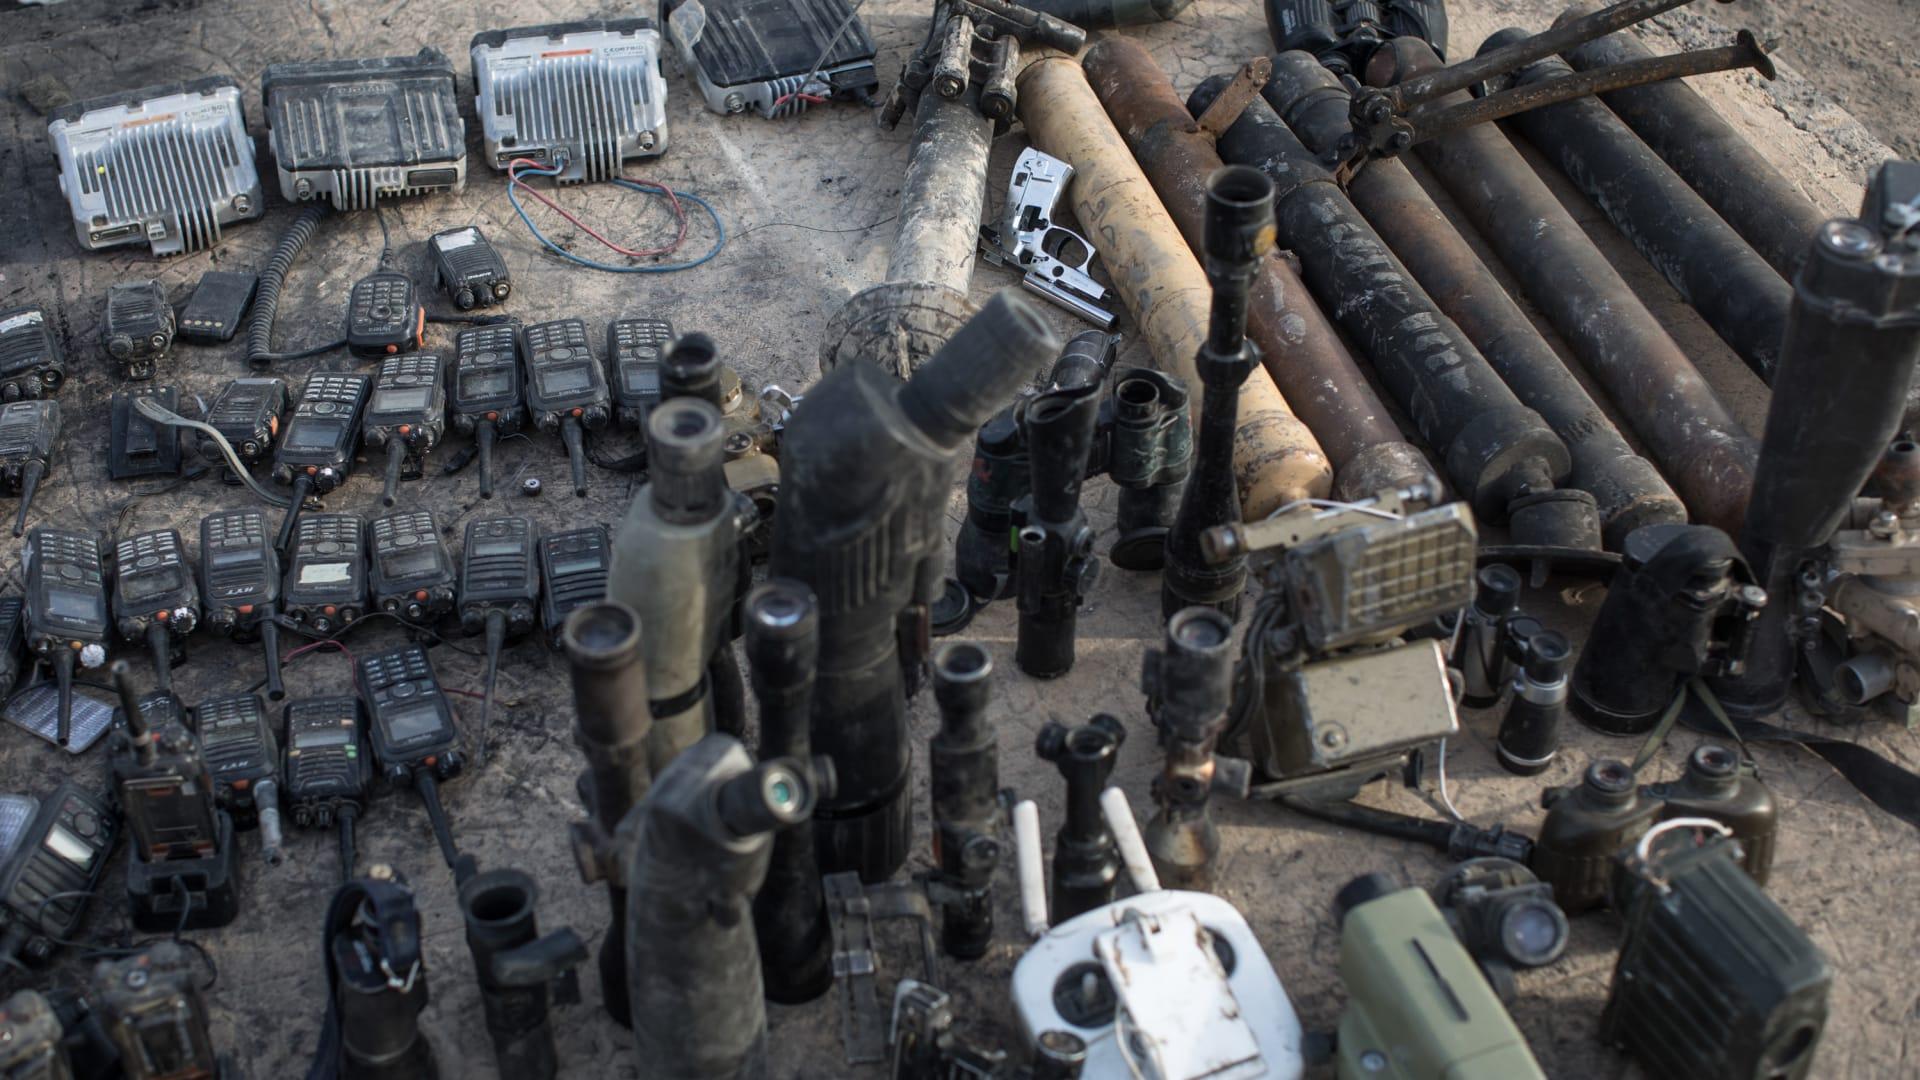 """قوات سوريا الديمقراطية تعلن تحرير """"الباغوز"""" بالكامل من داعش"""